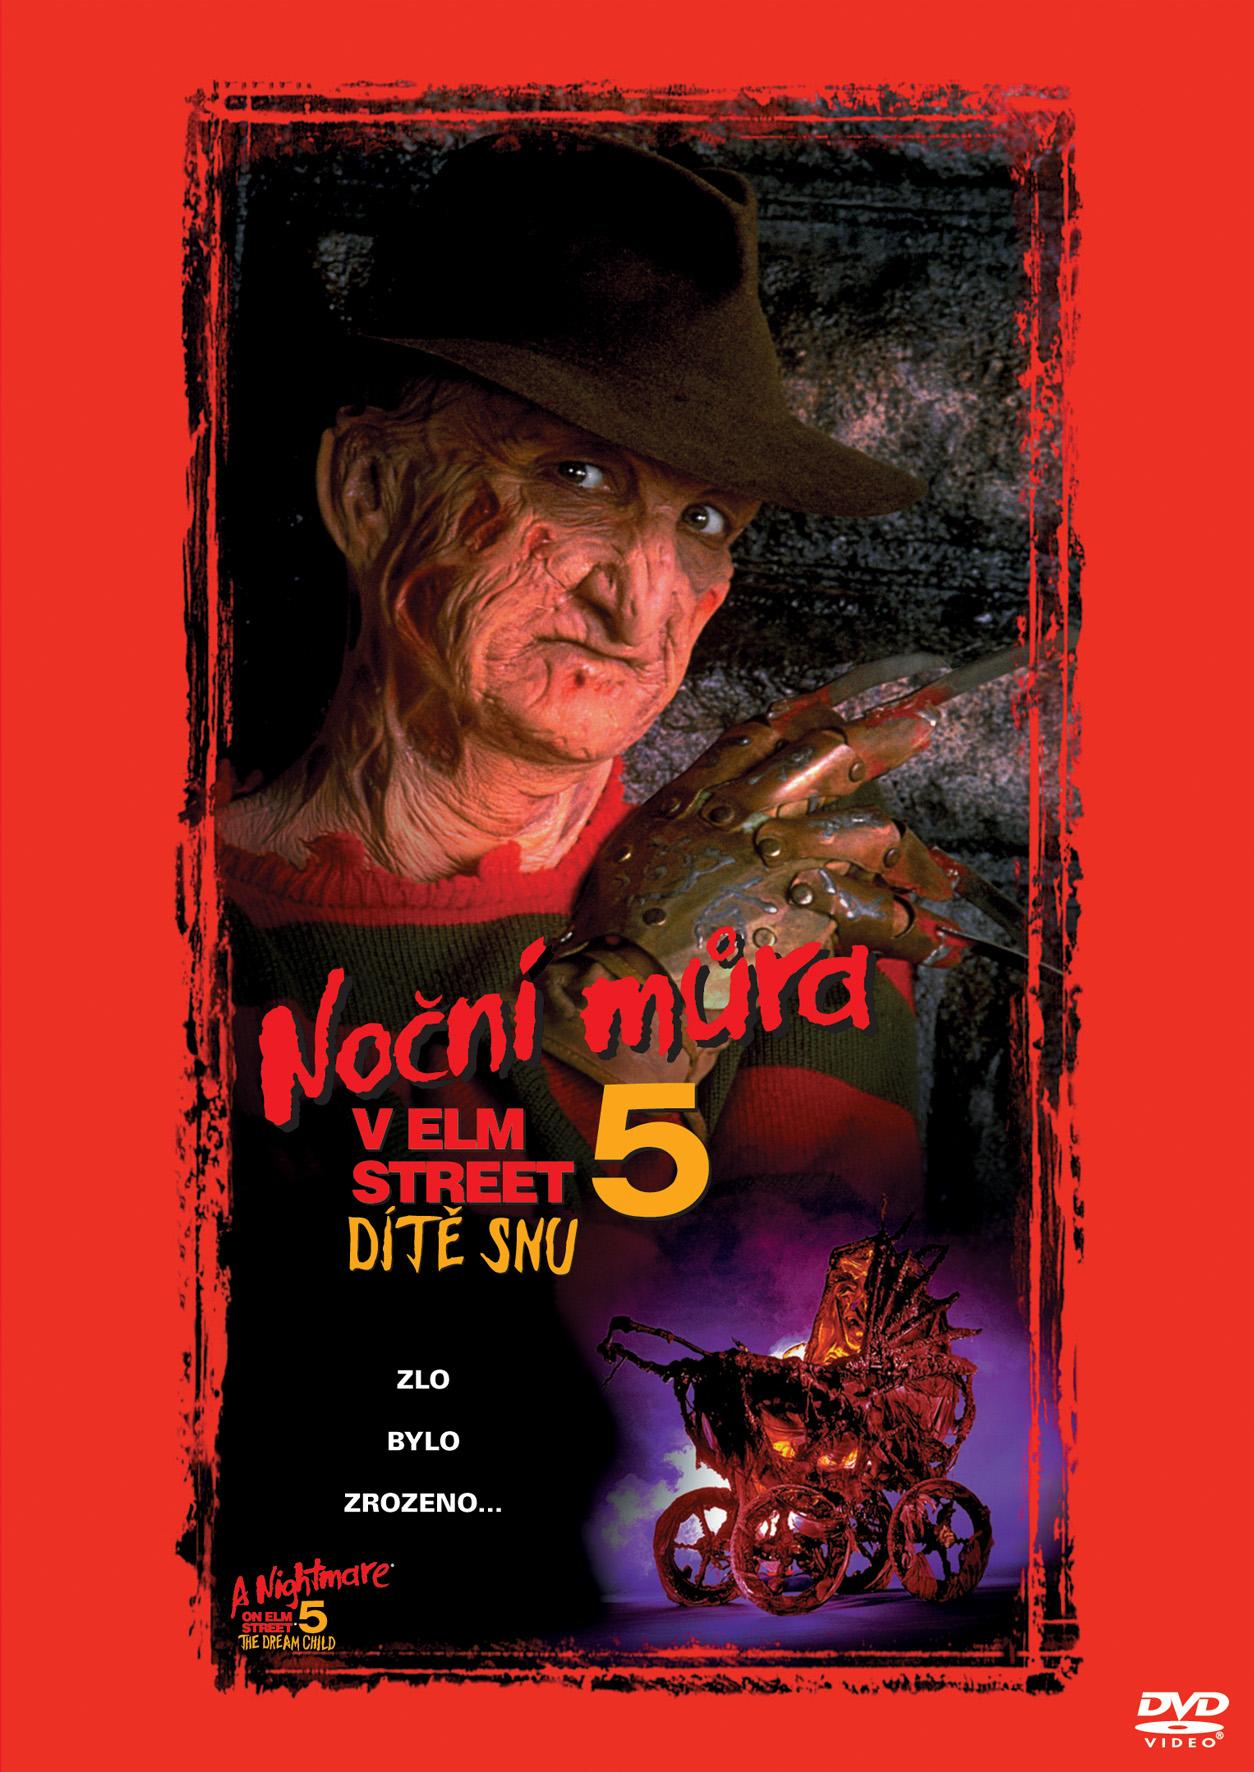 Spustit online film zdarma Noční můra v Elm Street 5: Dítě snu